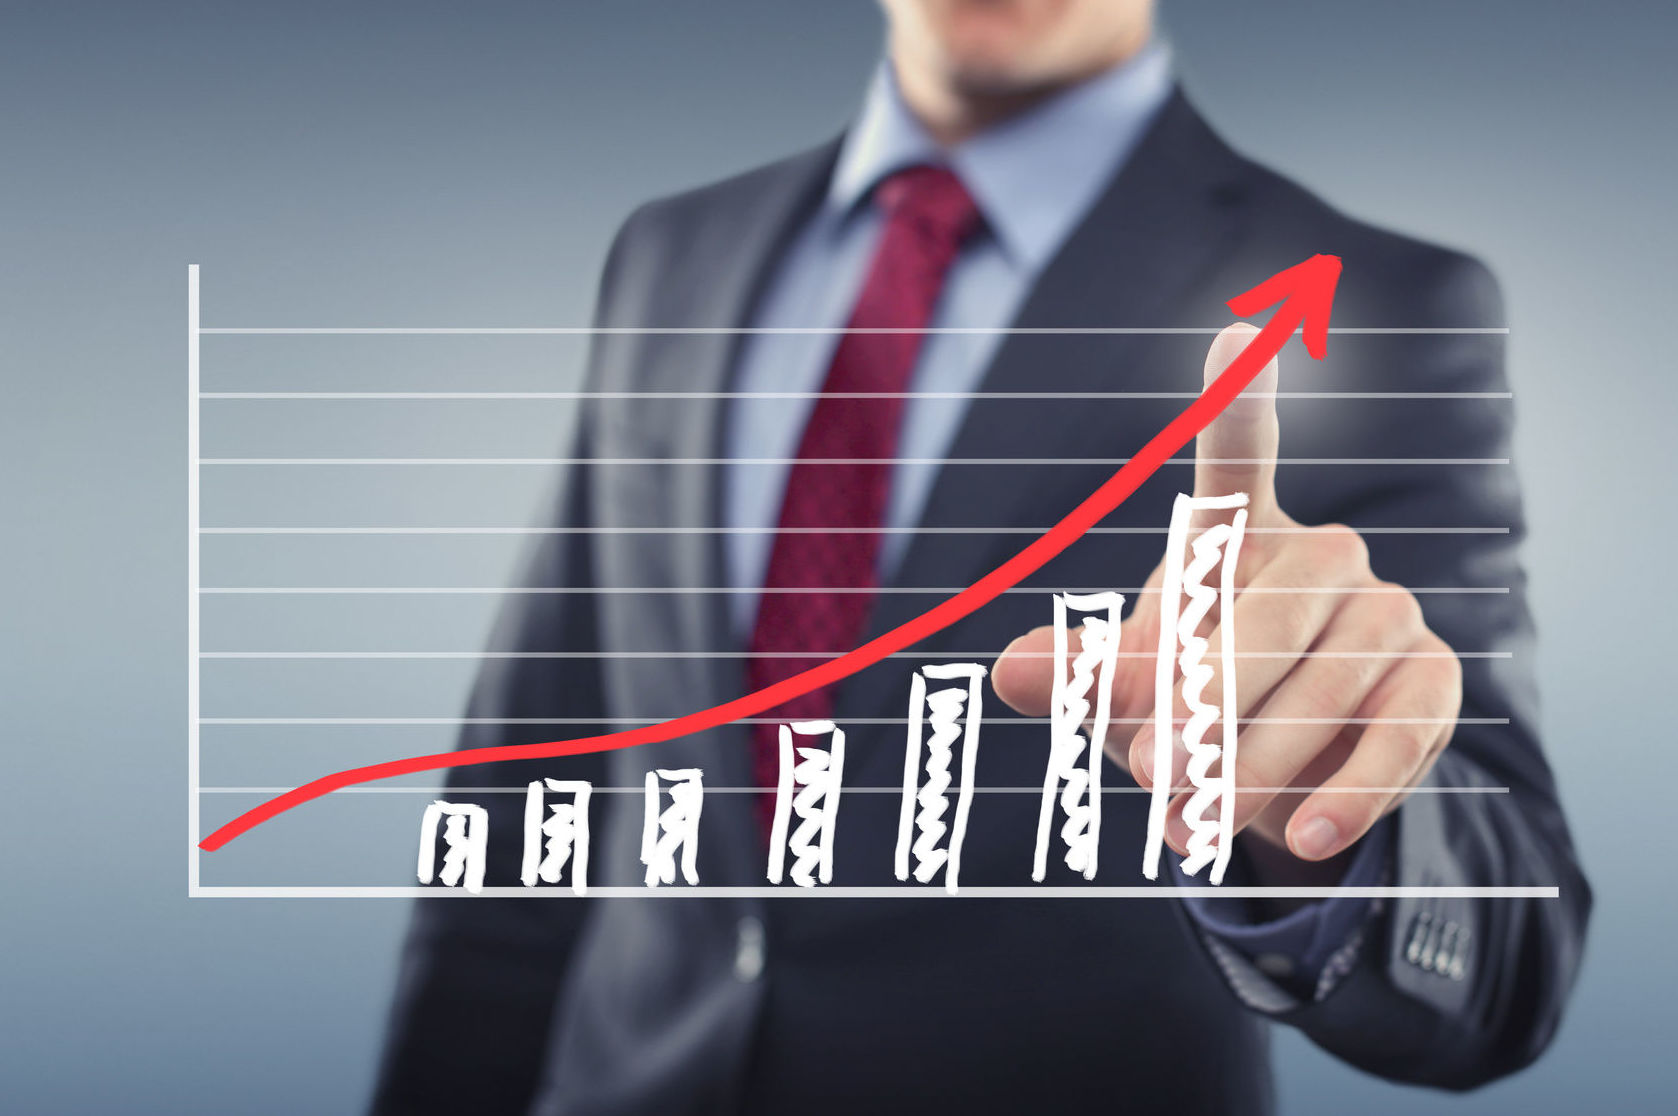 La tasa de accidentes laborales crece un 8,2% en tres años